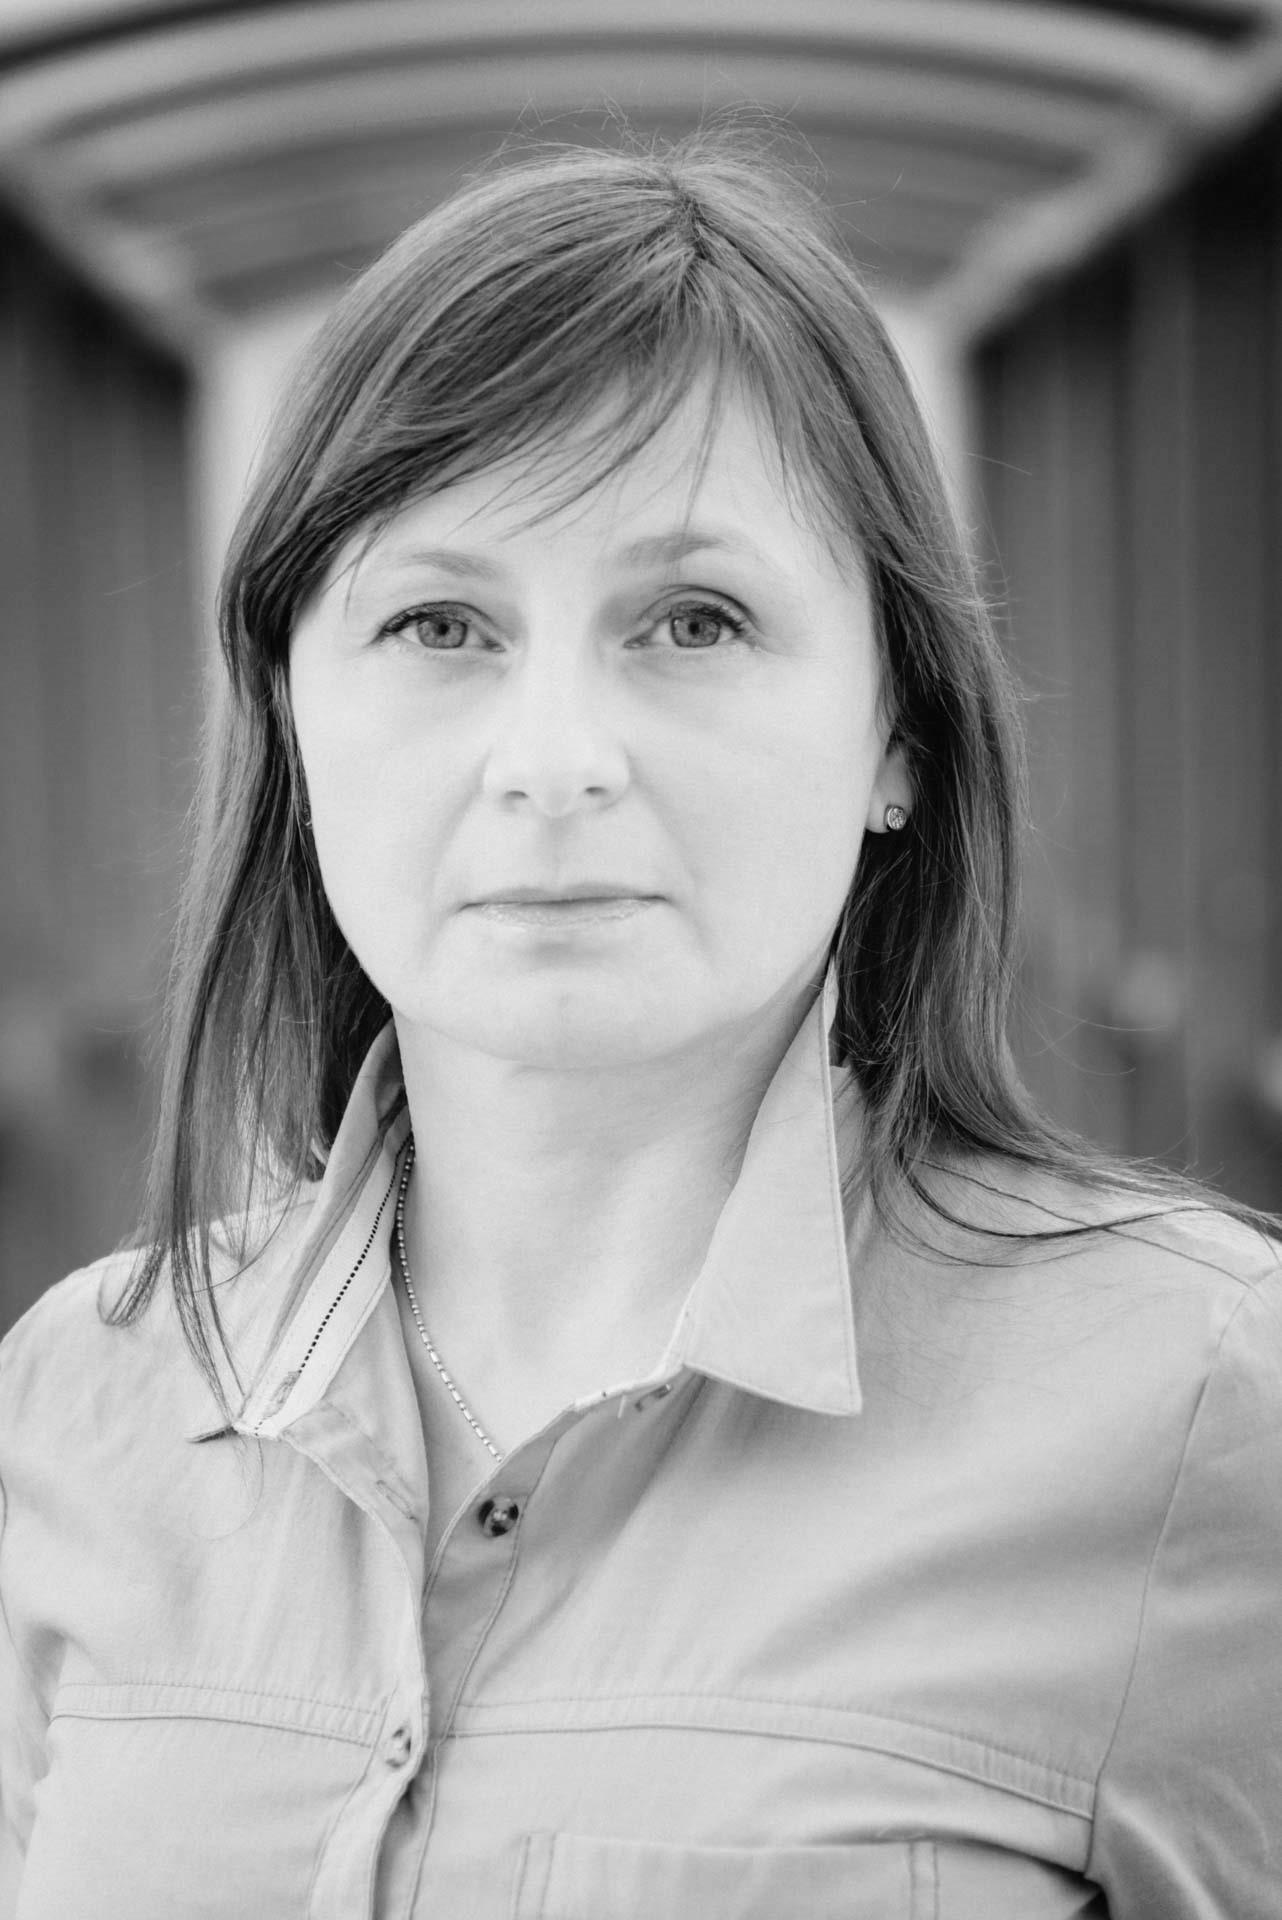 Fotografia portretowa zrealizowana w studiu Radia Gdańsk przy ulicy Grunwaldzkiej w Gdańsku Wrzeszczu